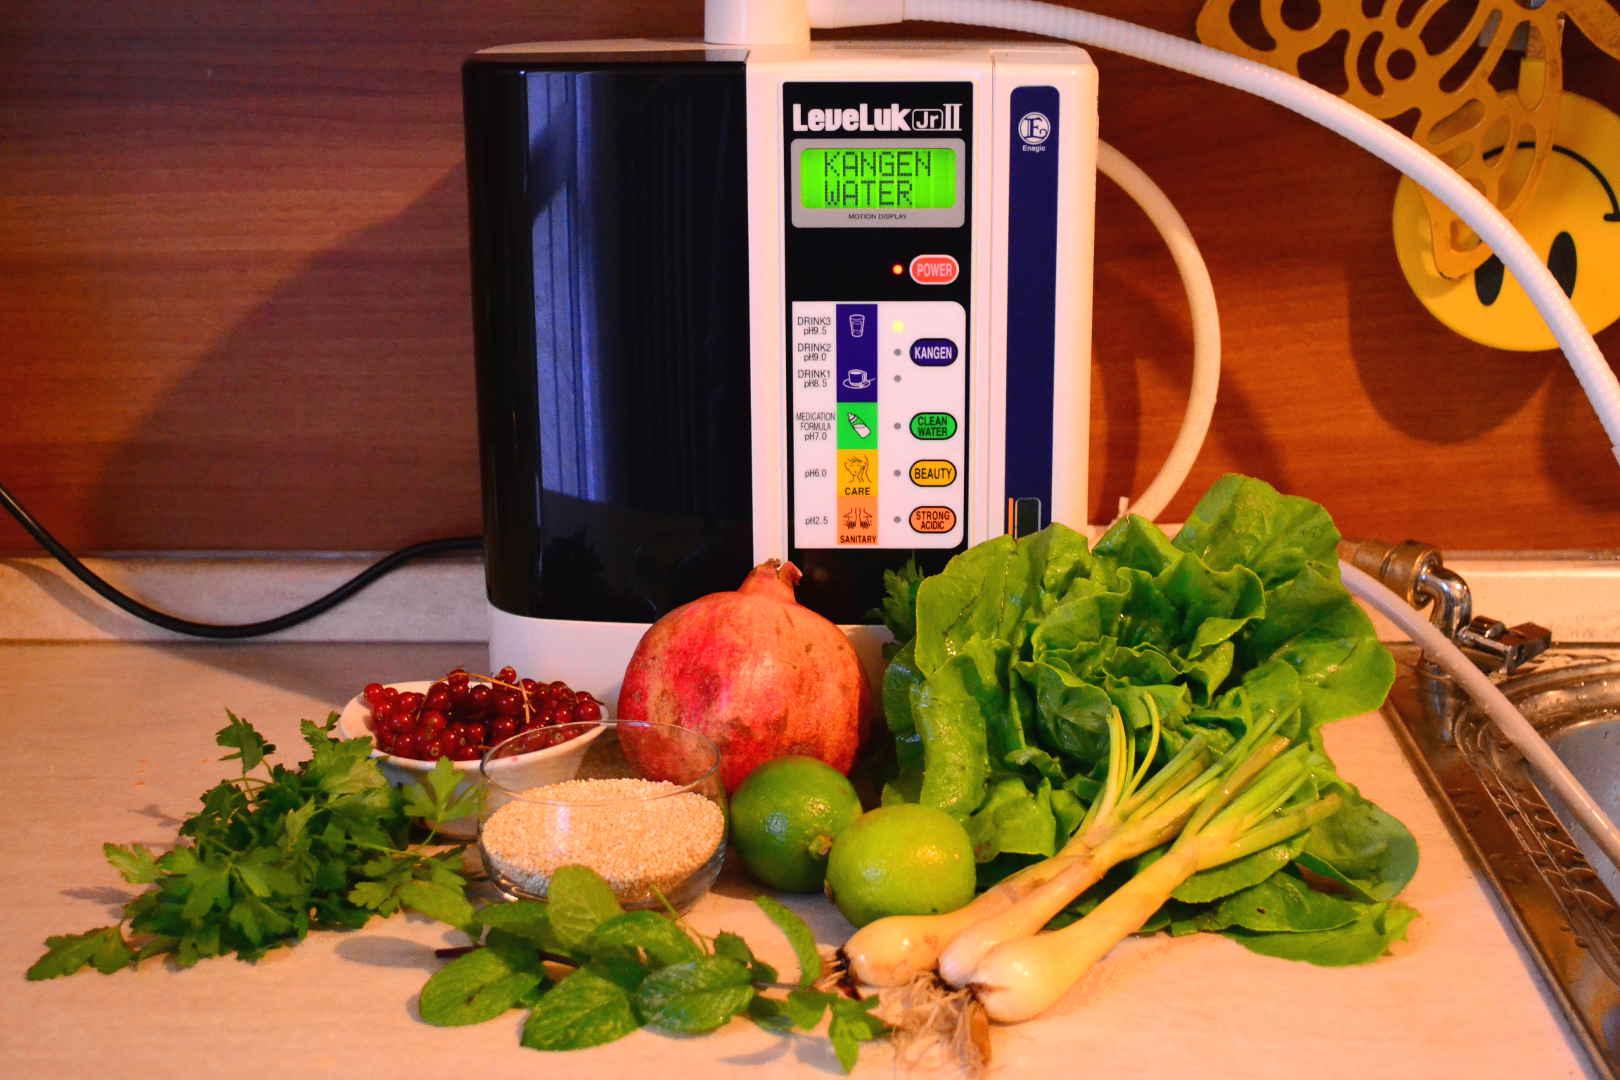 acqua kangen vivere salutariani salutare ionizzatore alcalina ribes melograna quinoa lime scalogno menta